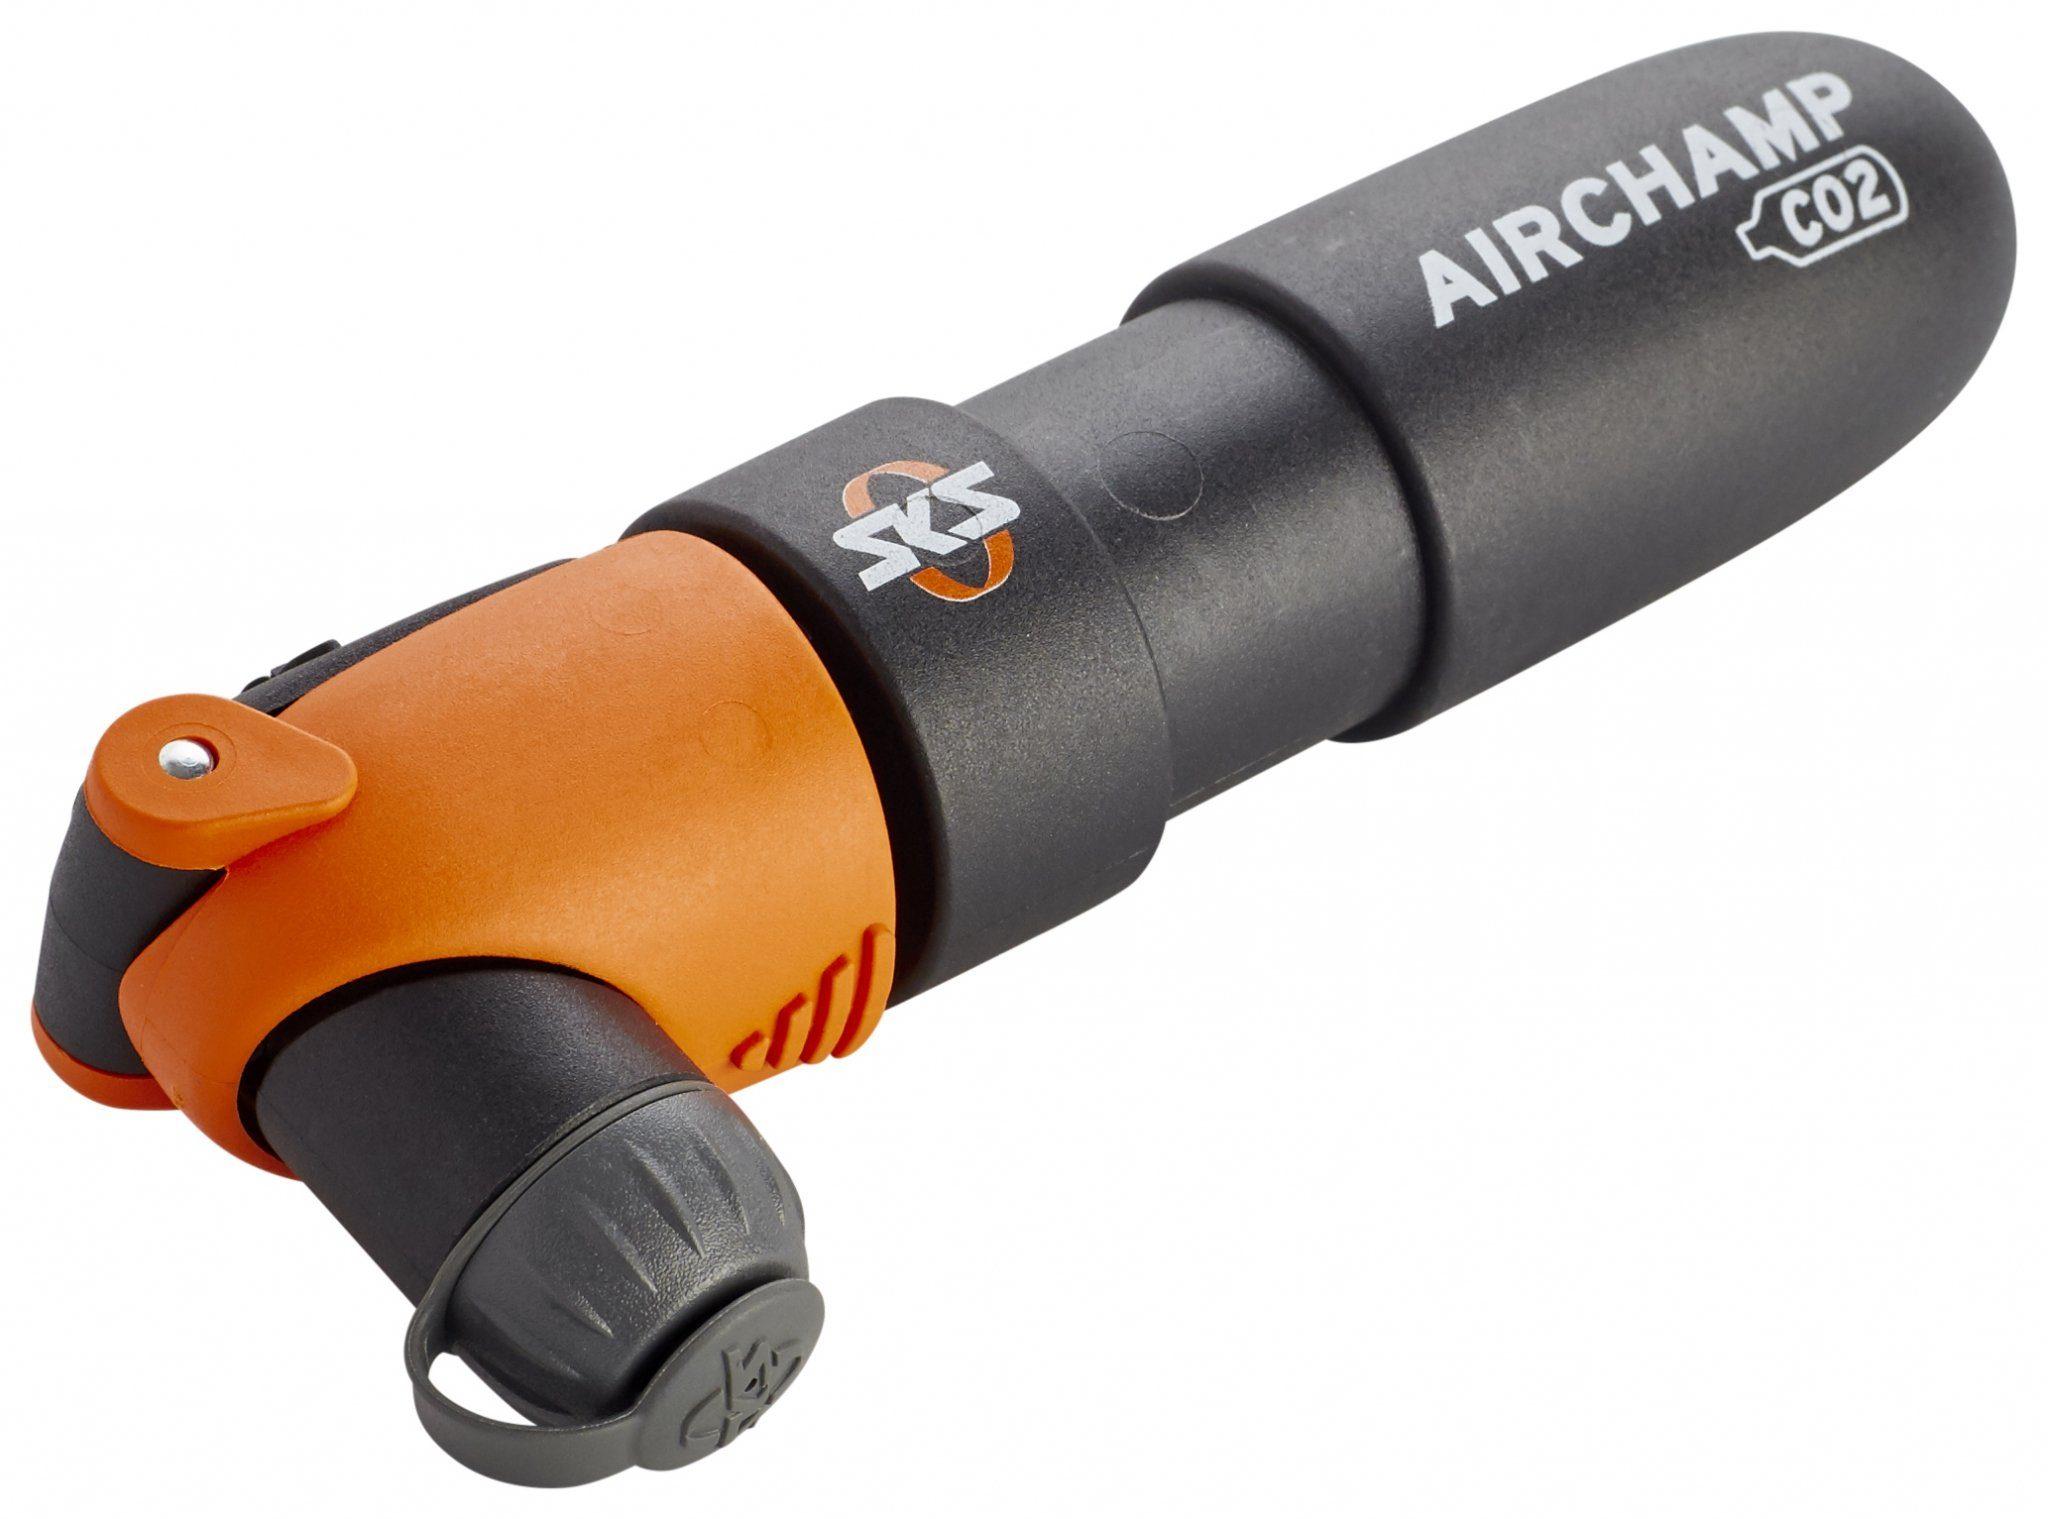 SKS Fahrradpumpe »Airchamp CO2 Minipumpe«